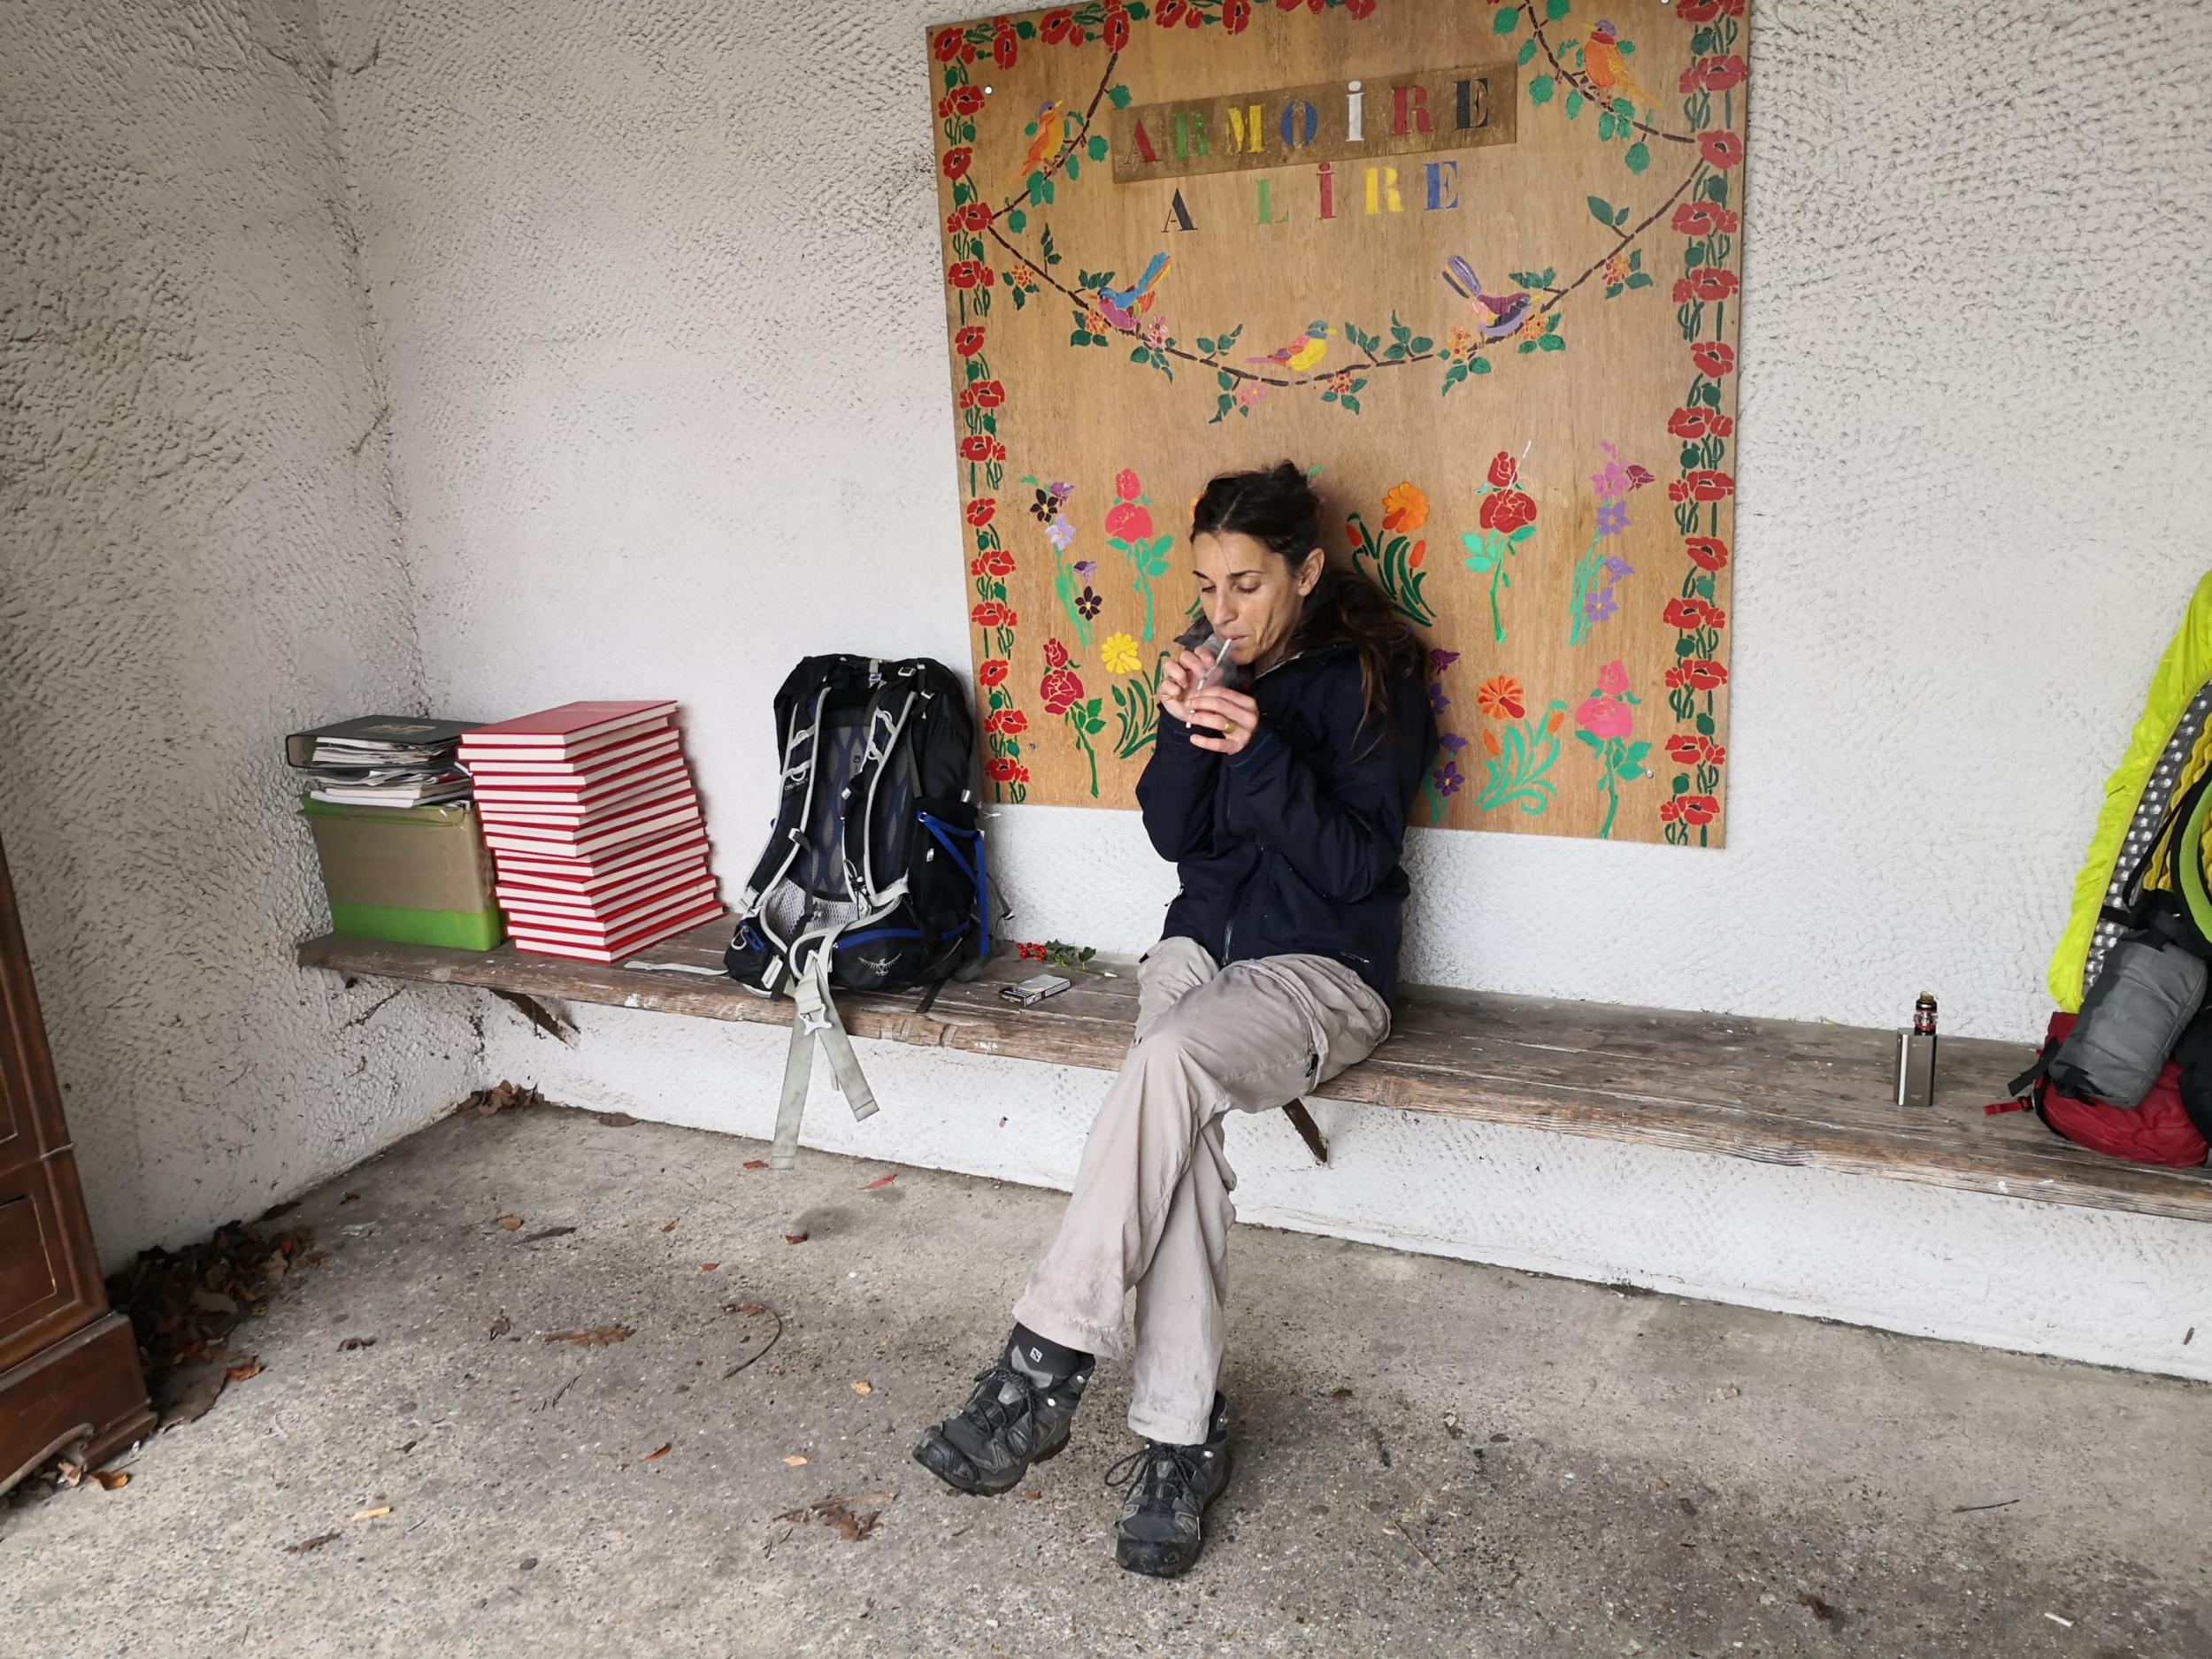 Arrêt de bus à Recloses en attendant que la boulangerie ouvre